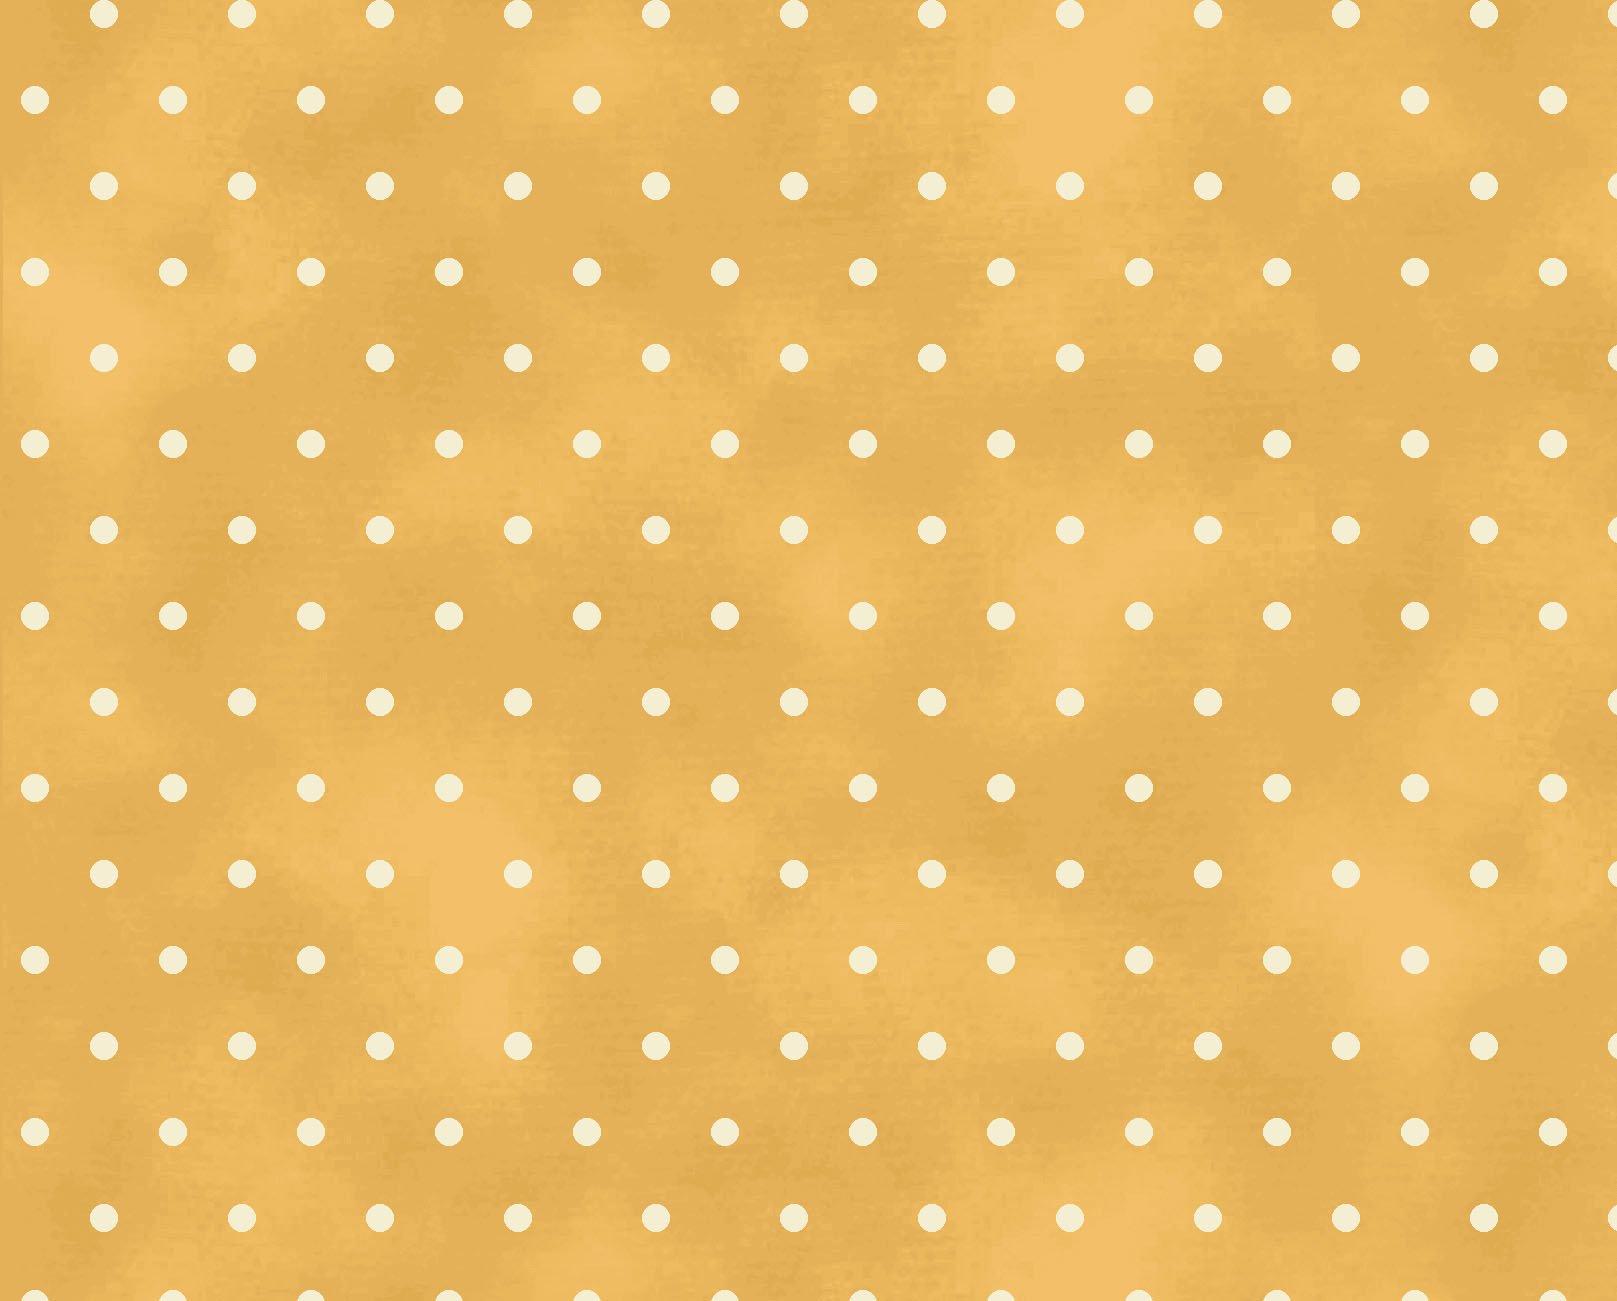 Garden Getaway Fabric 5 (0960 0130)